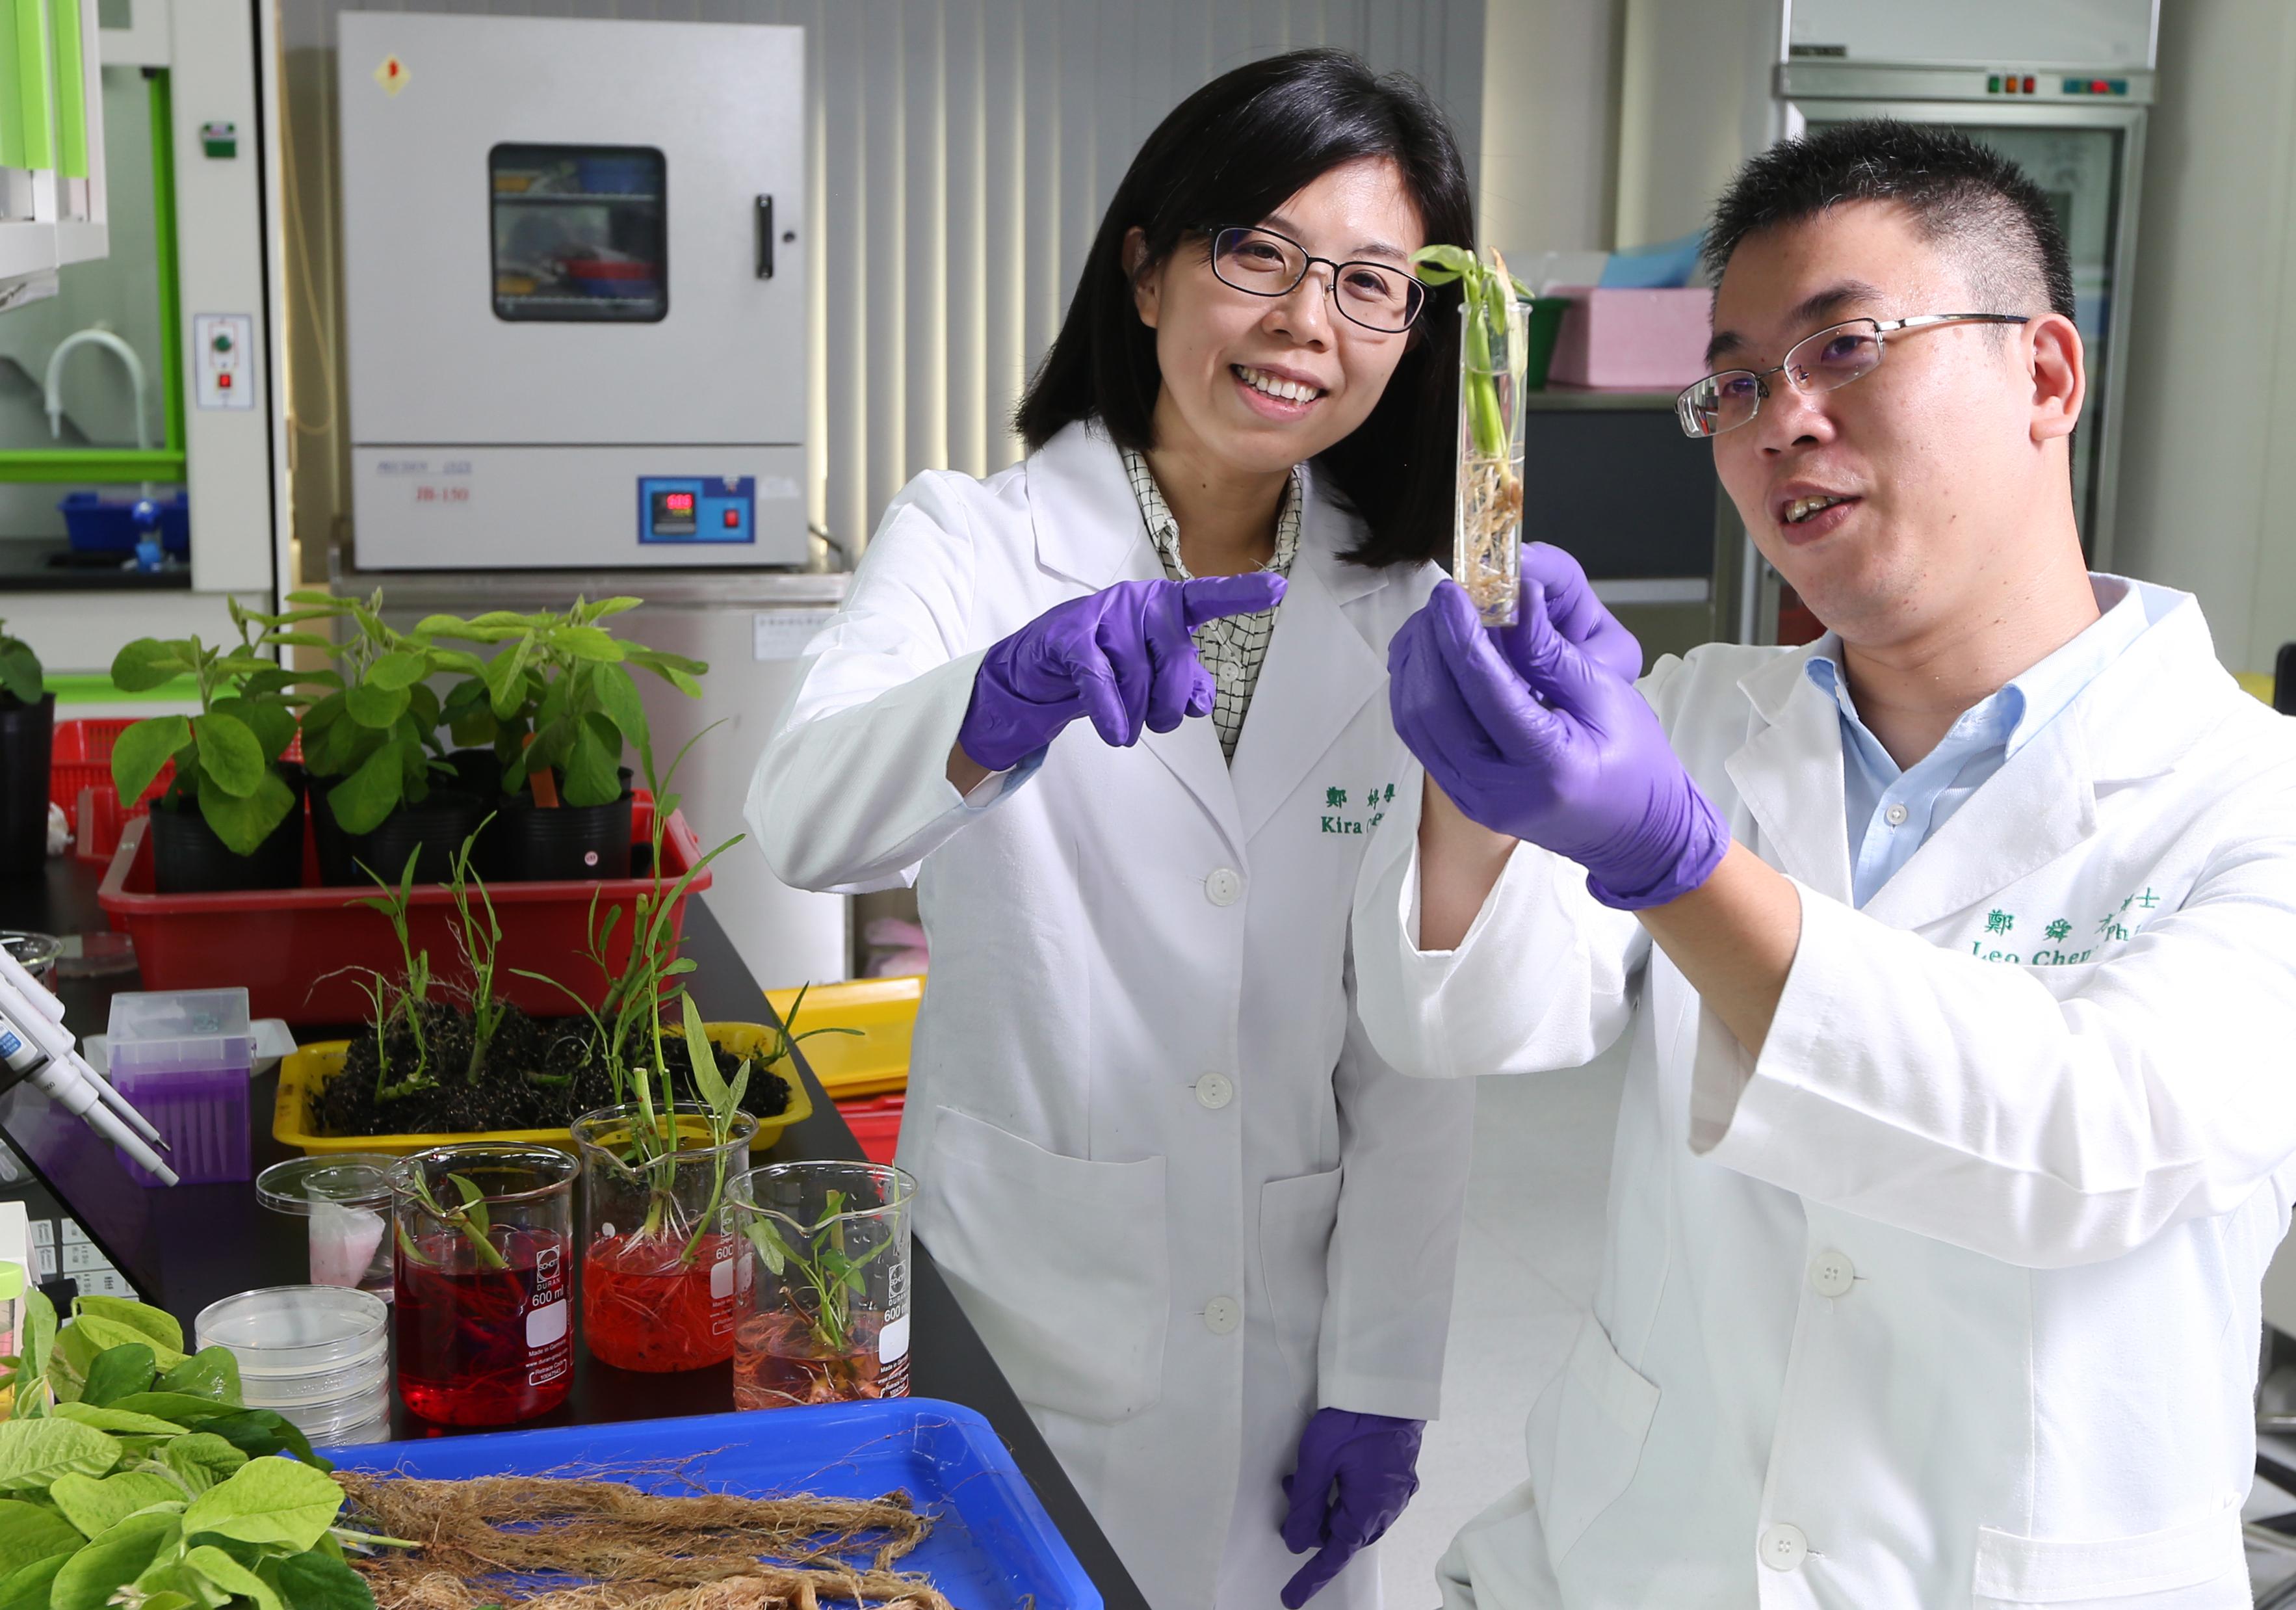 正瀚生技研發團隊由台灣優質博碩士所組成,針對作物生長發育核心的作用機制進行產品與技術的革新,並成功切入美國、加拿大、巴西、澳洲等一級農業市場